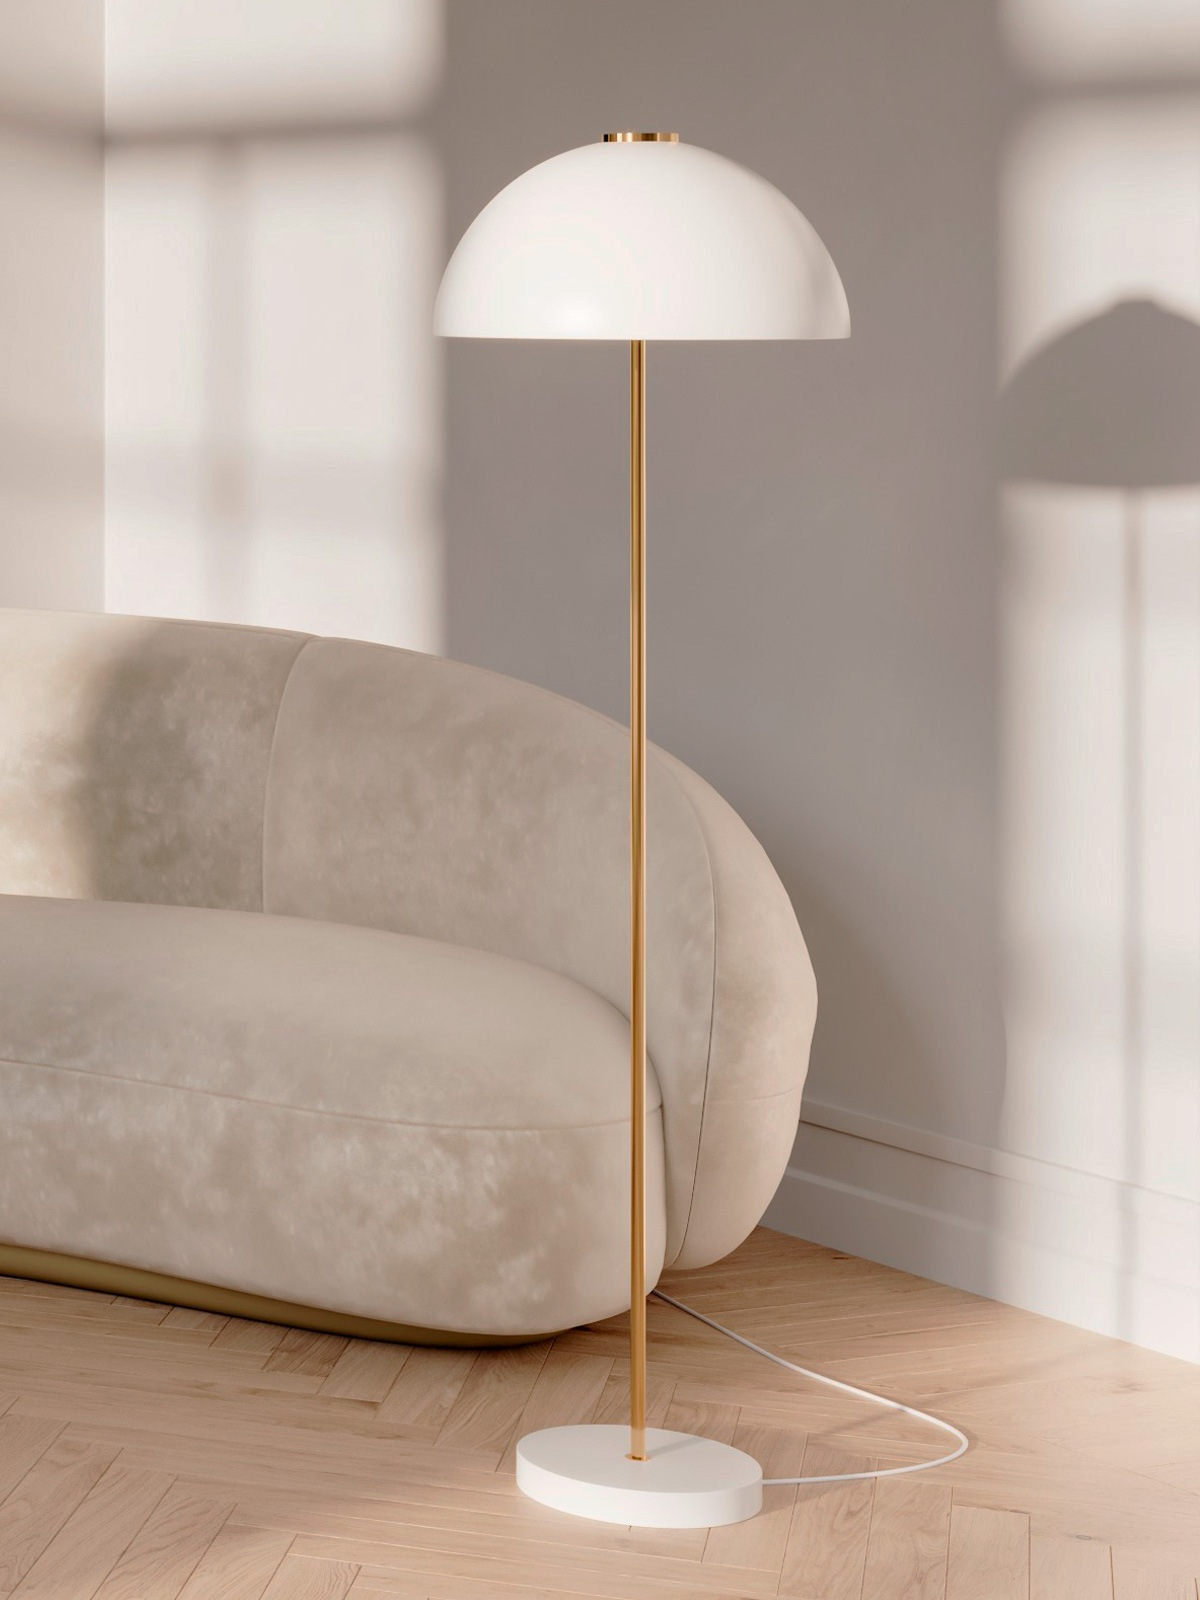 Innolux Leuchte Kupoli F Stehlampe DesignOrt Designerleuchten Onlineshop Berlin